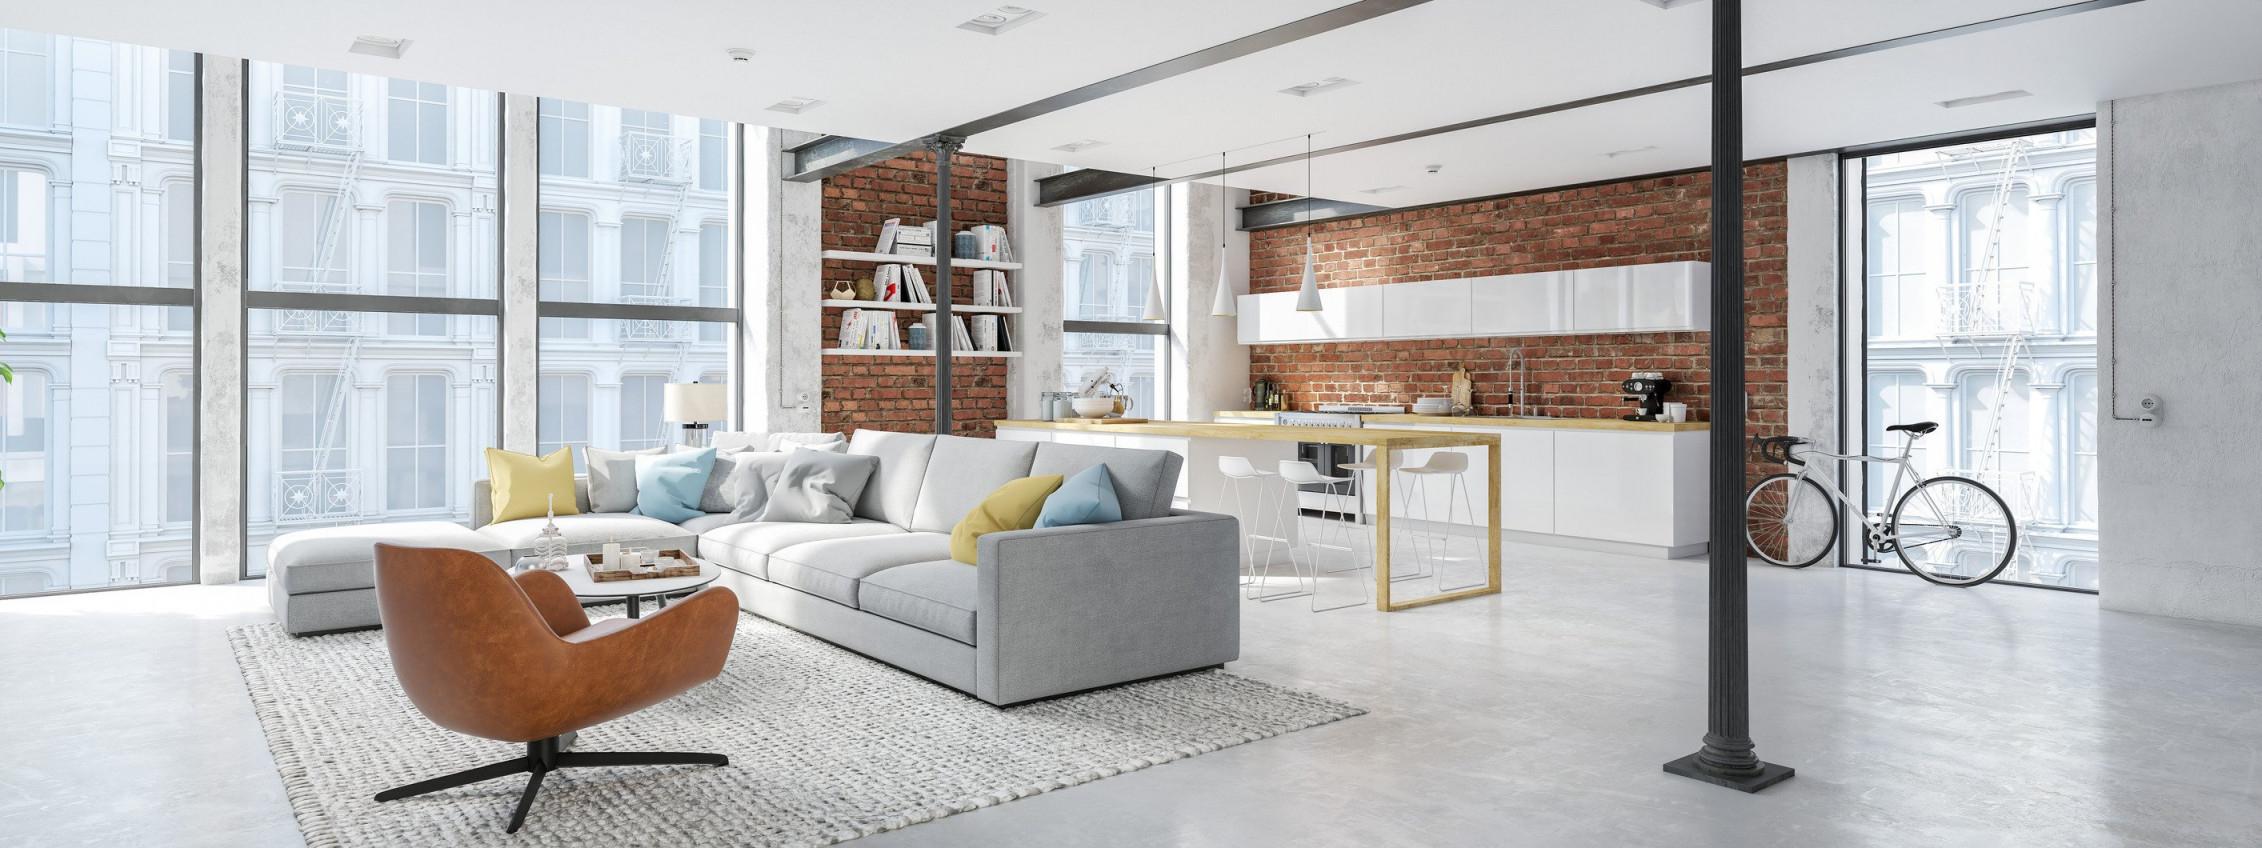 Wohnung Einrichten 9 Ideen Rund Um Farben Materialien Und von L Wohnzimmer Einrichten Photo